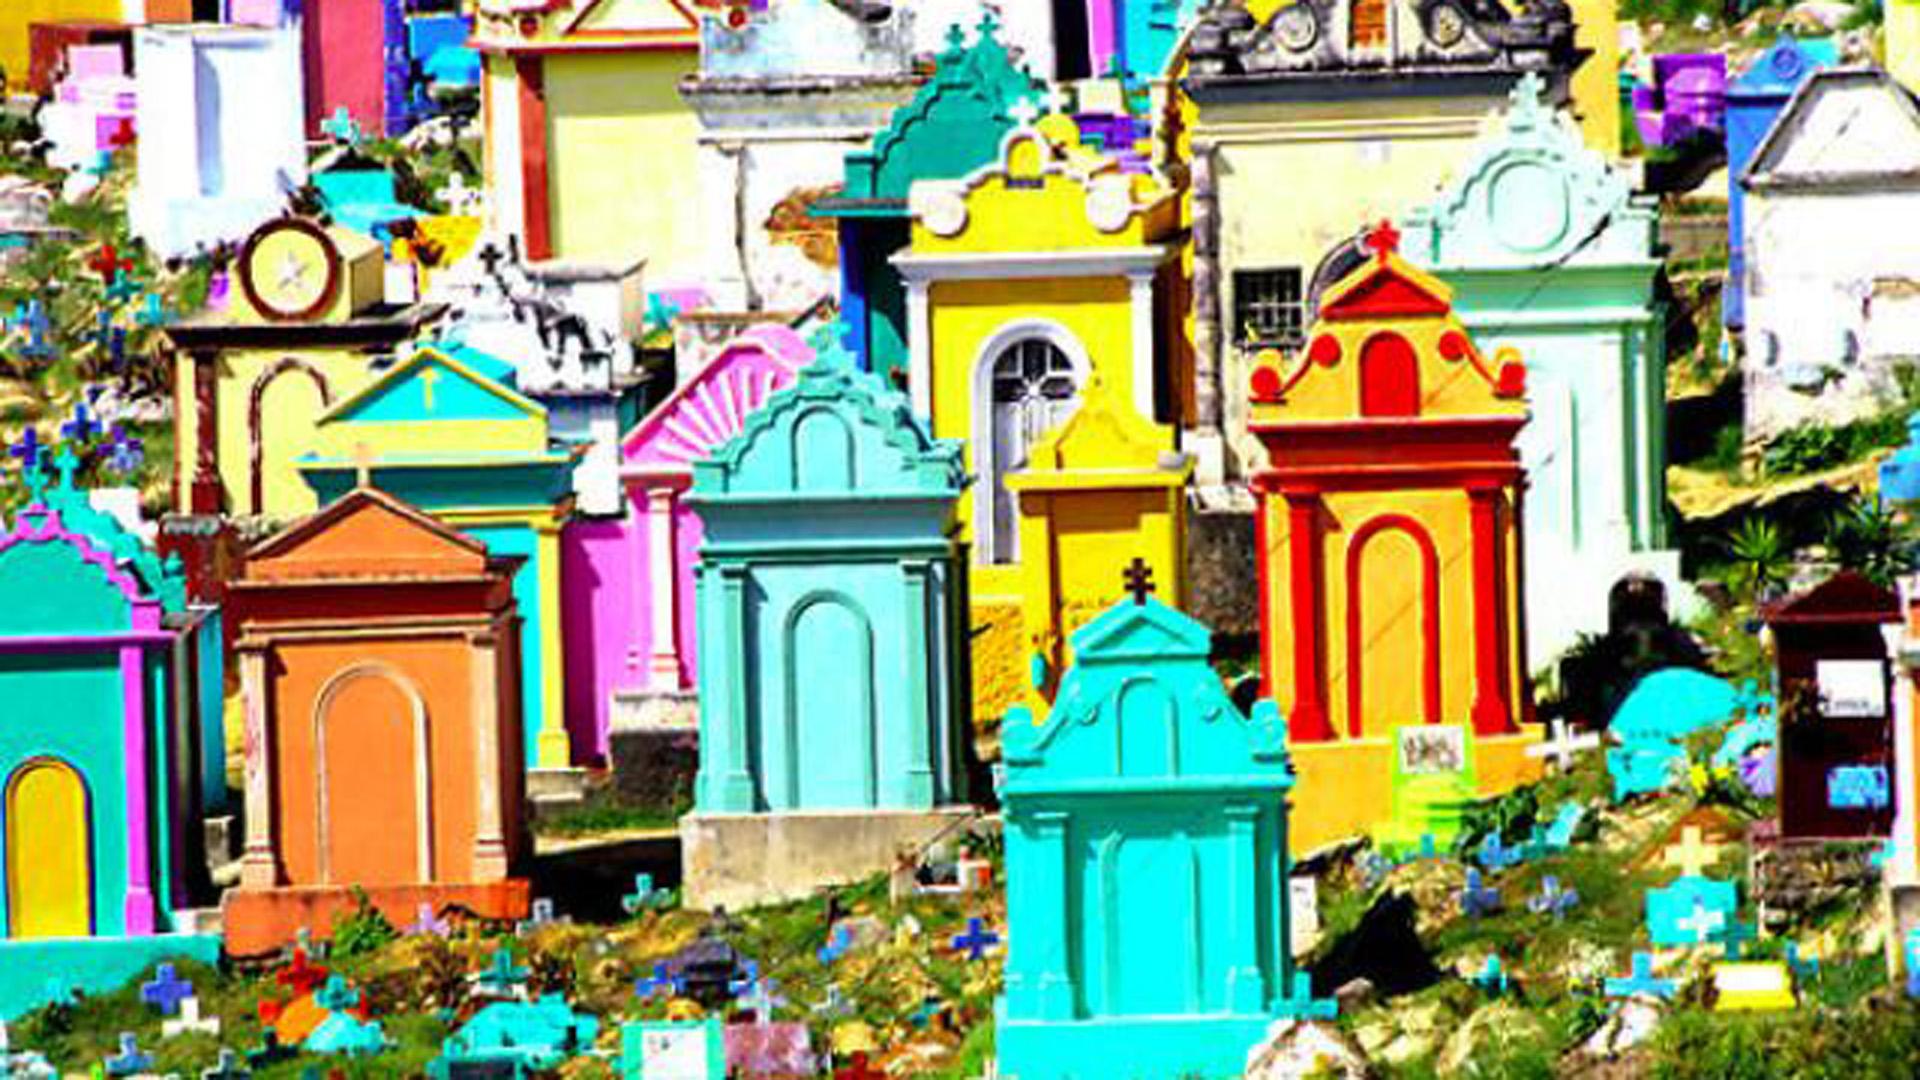 Así es el cementerio más colorido del mundo - Infobae